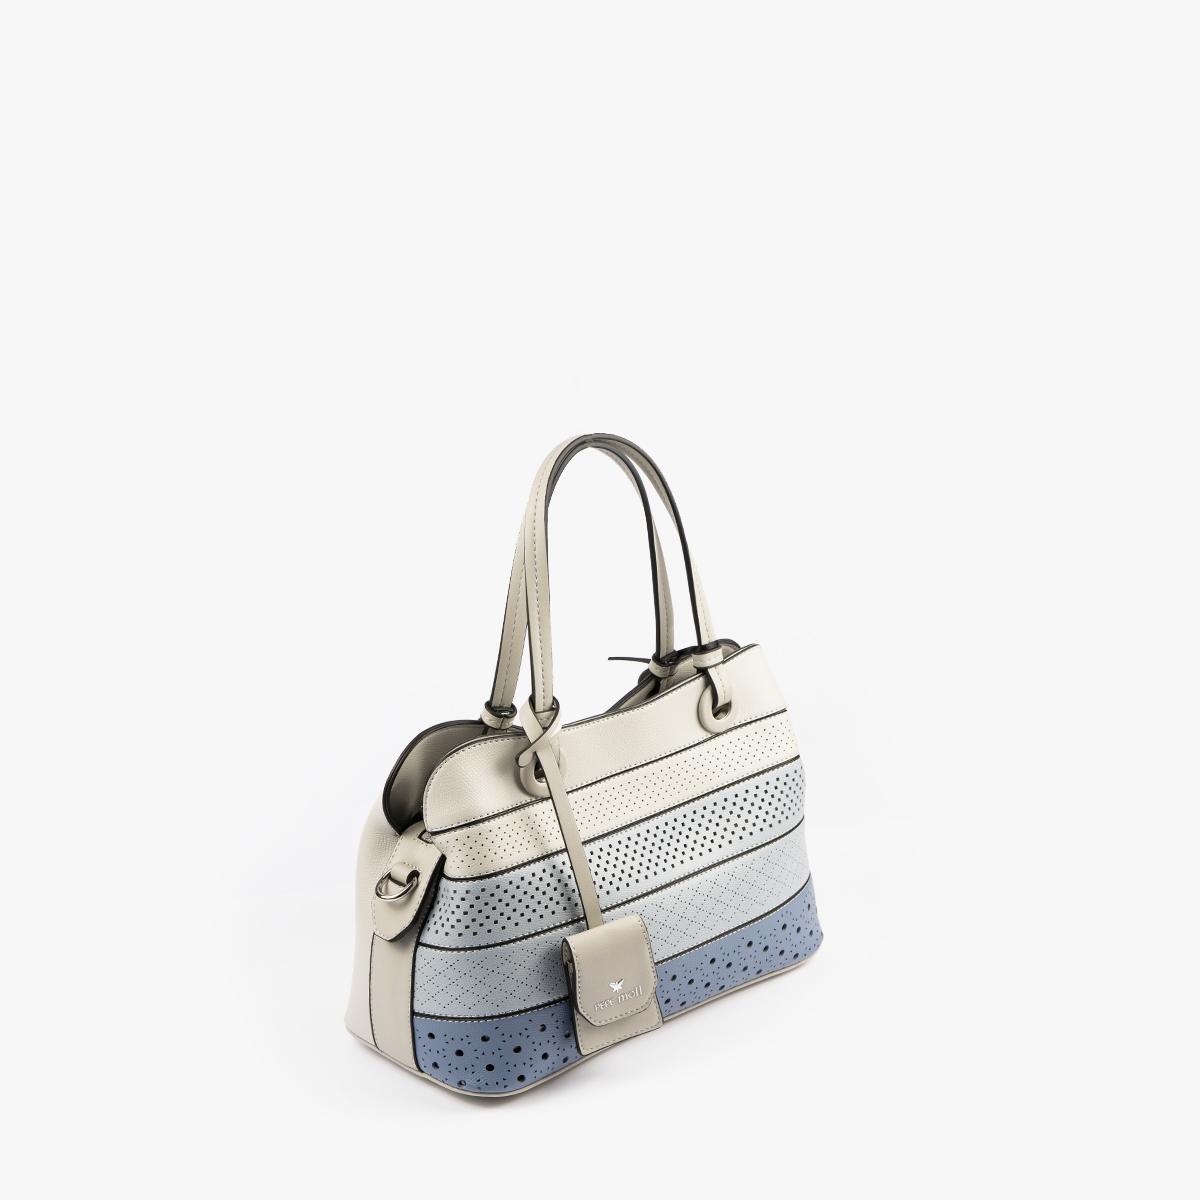 52051 bolso de mano tricolor azul